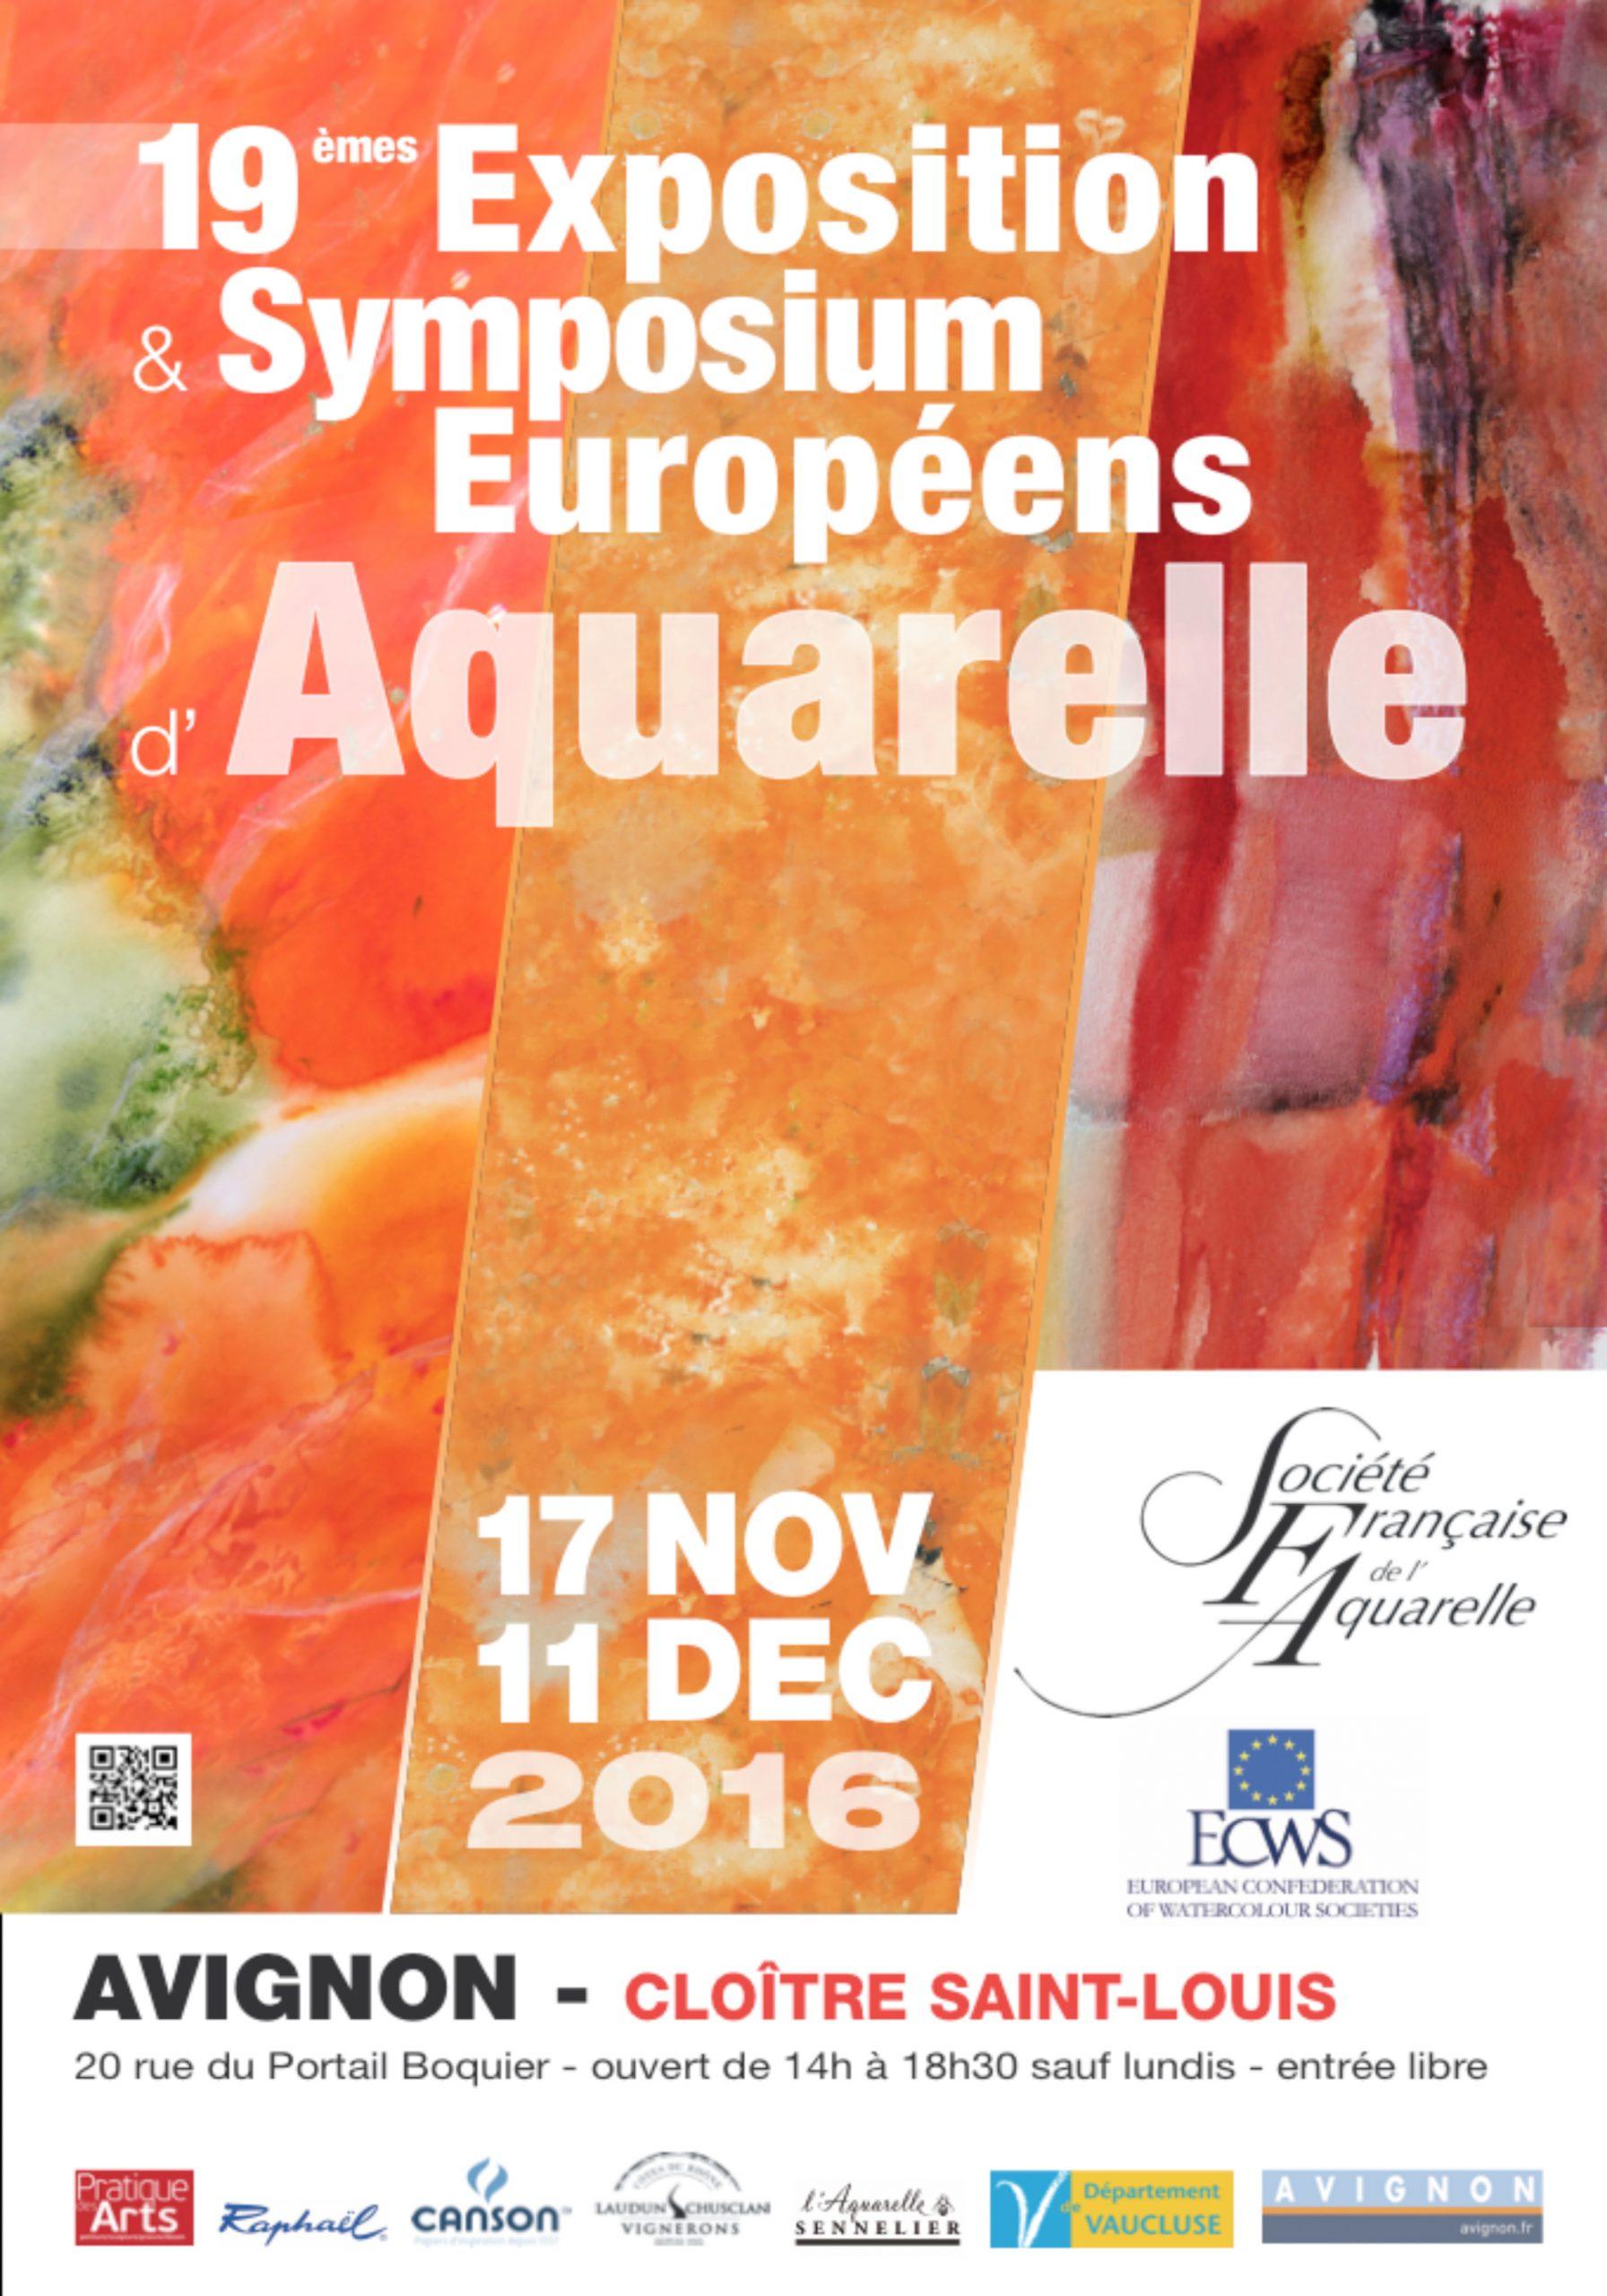 19ème Exposition Européenne d'Aquarelle